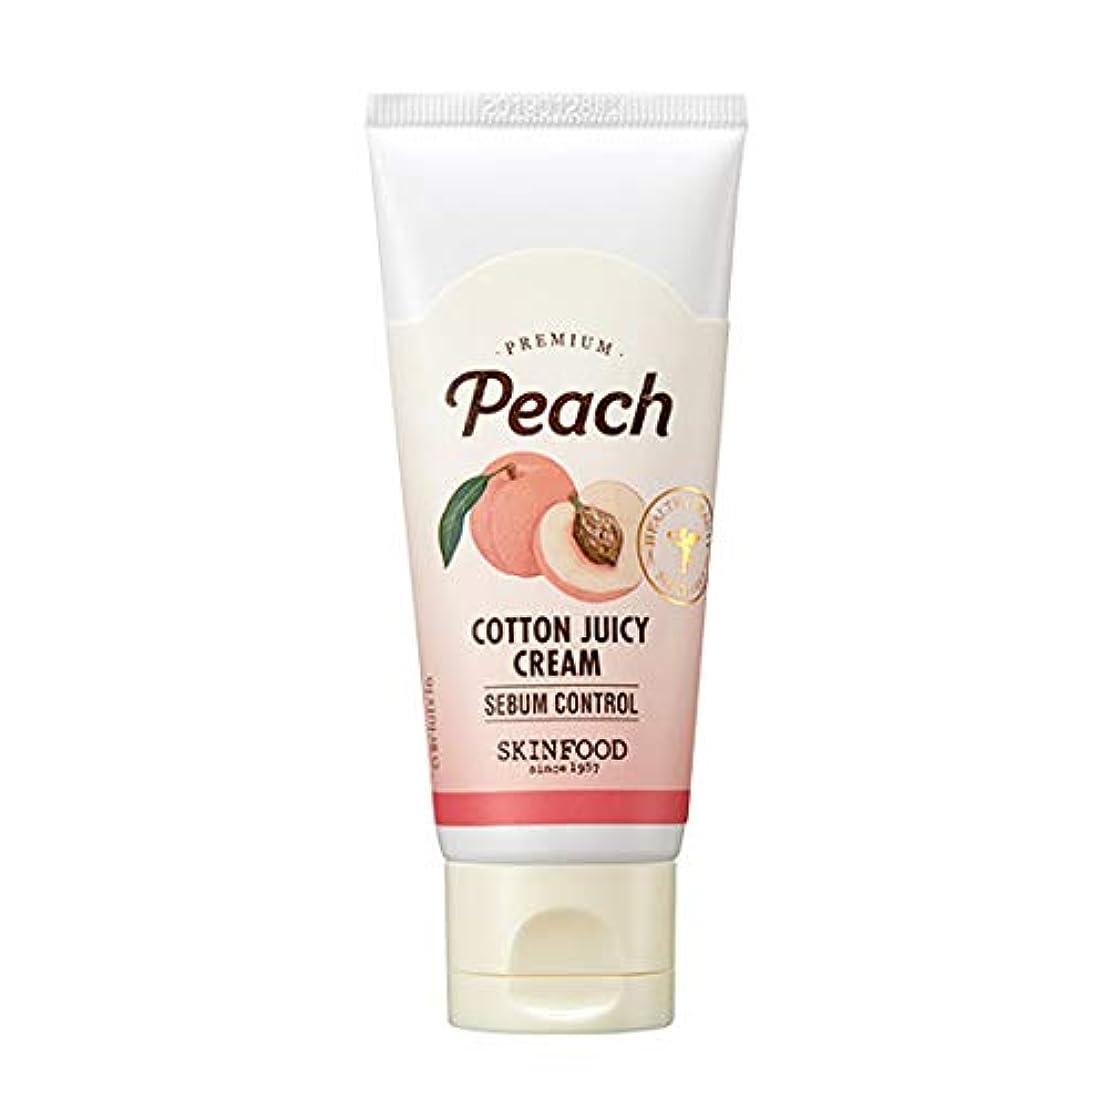 考古学リネン衝動Skinfood プレミアムピーチコットンジューシークリーム/Premium Peach Cotton Juicy Cream 60ml [並行輸入品]